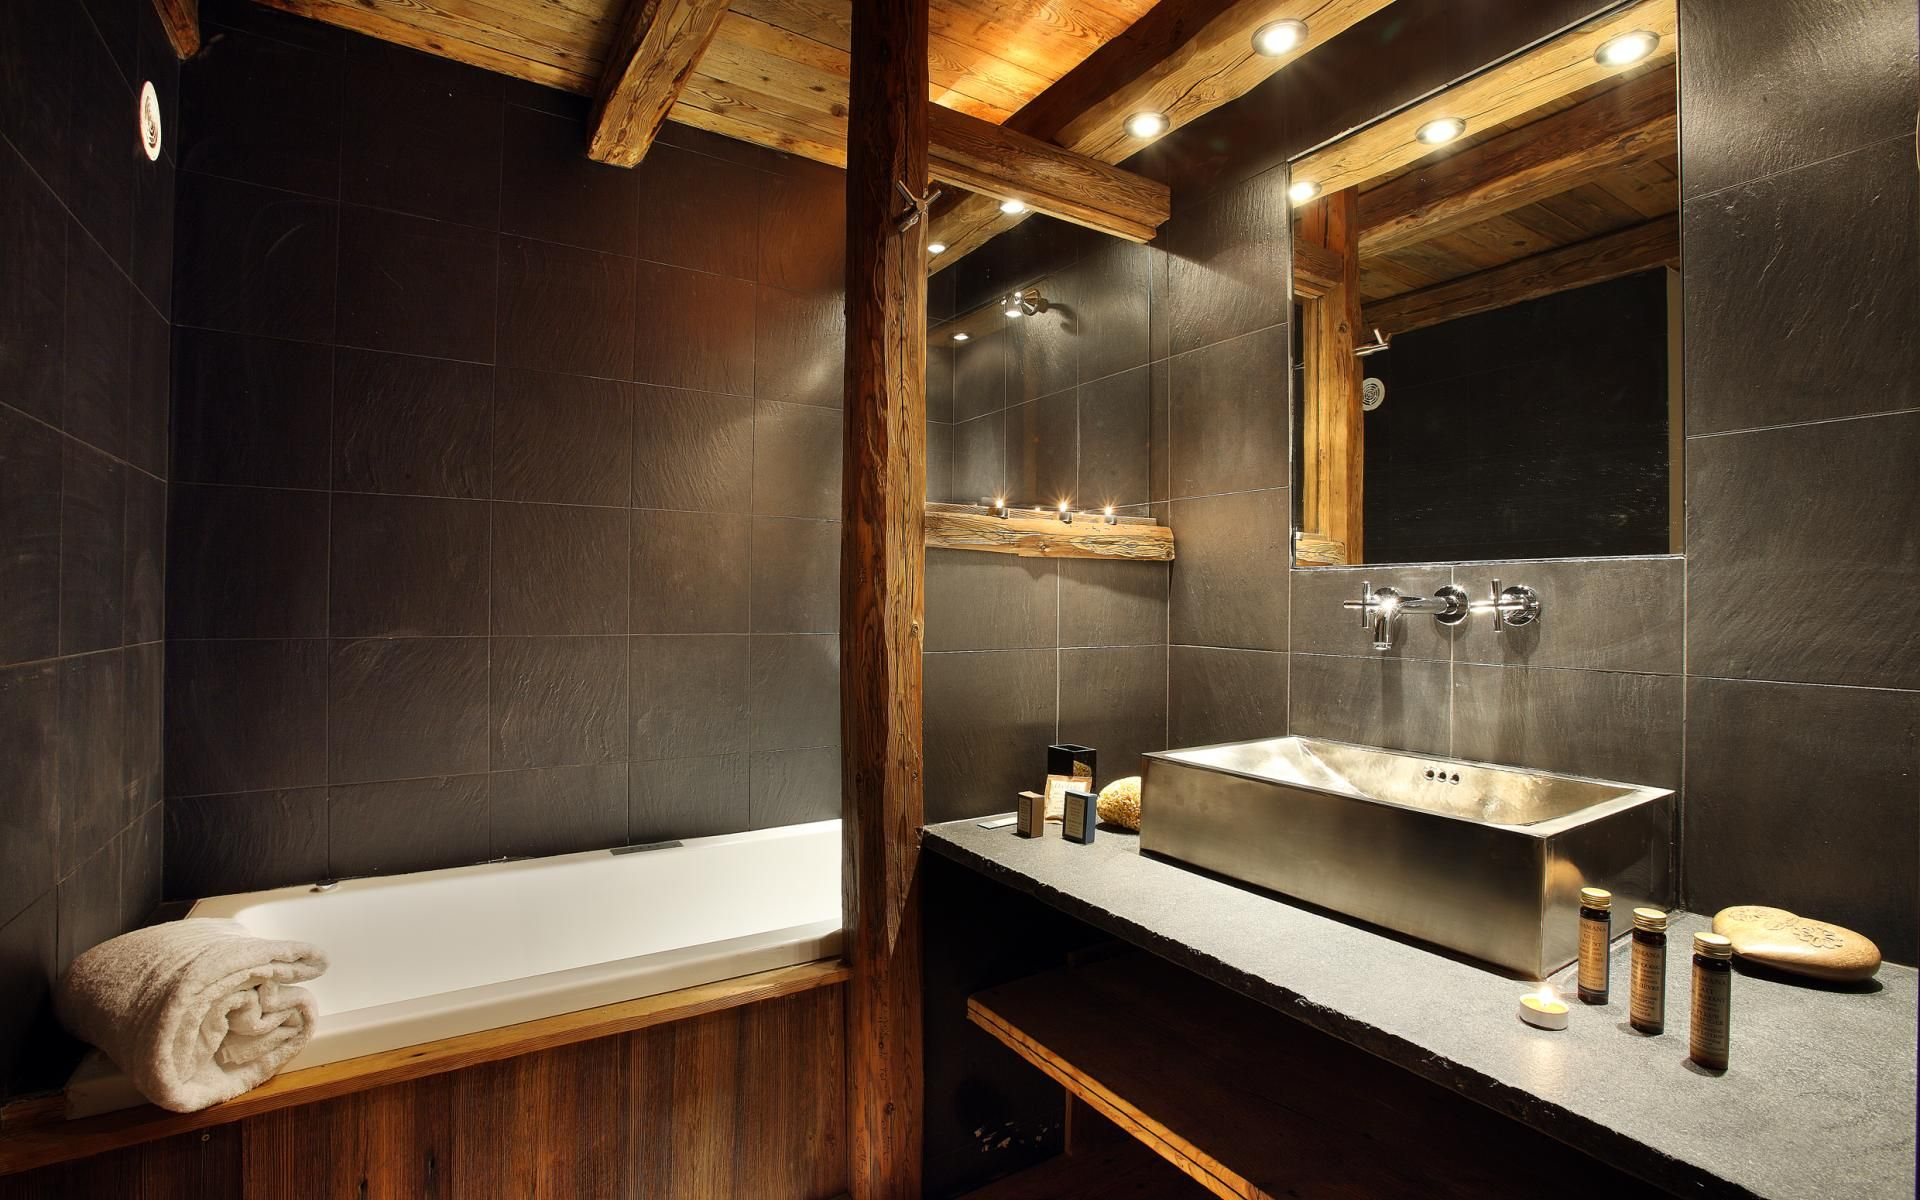 Bagno in pietra e legno idee case canuto mrustic for Case in legno e pietra